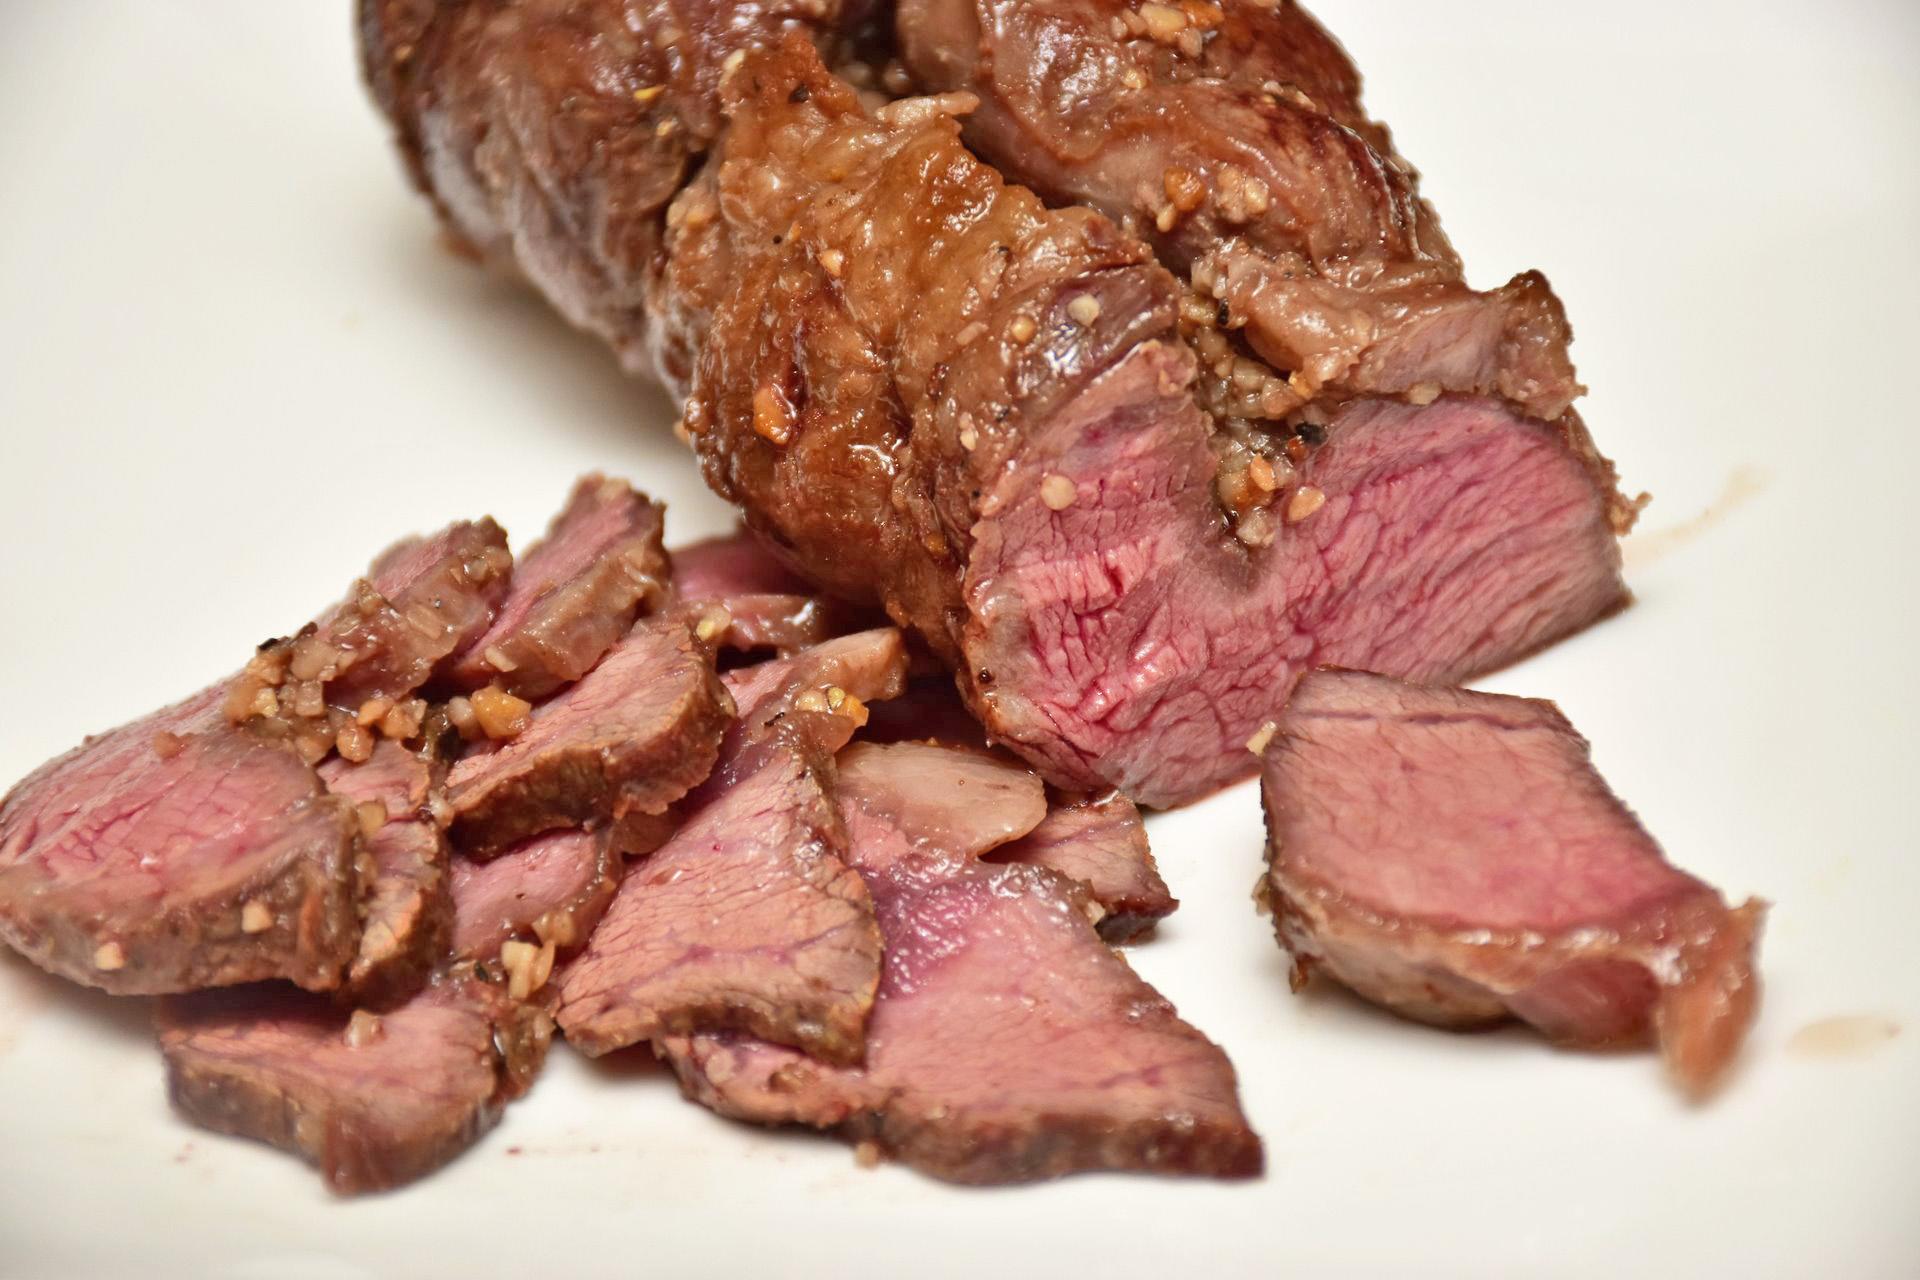 ↑アンガスビーフの肩ロースで作ったローストビーフ。かむとジュワーッと肉汁があふれてくる